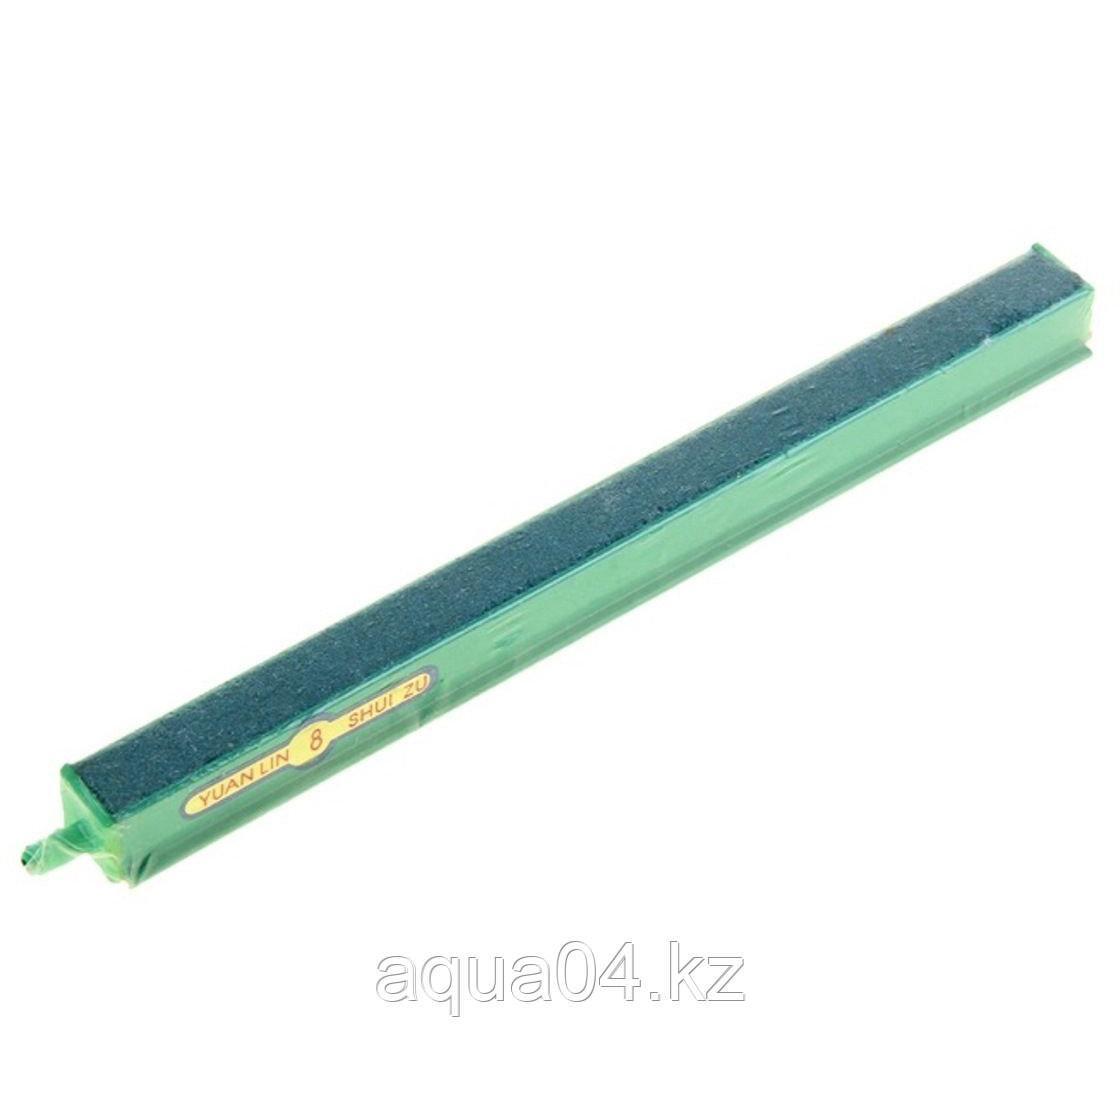 ALEAS Распылитель в пластиковой основе 60 см